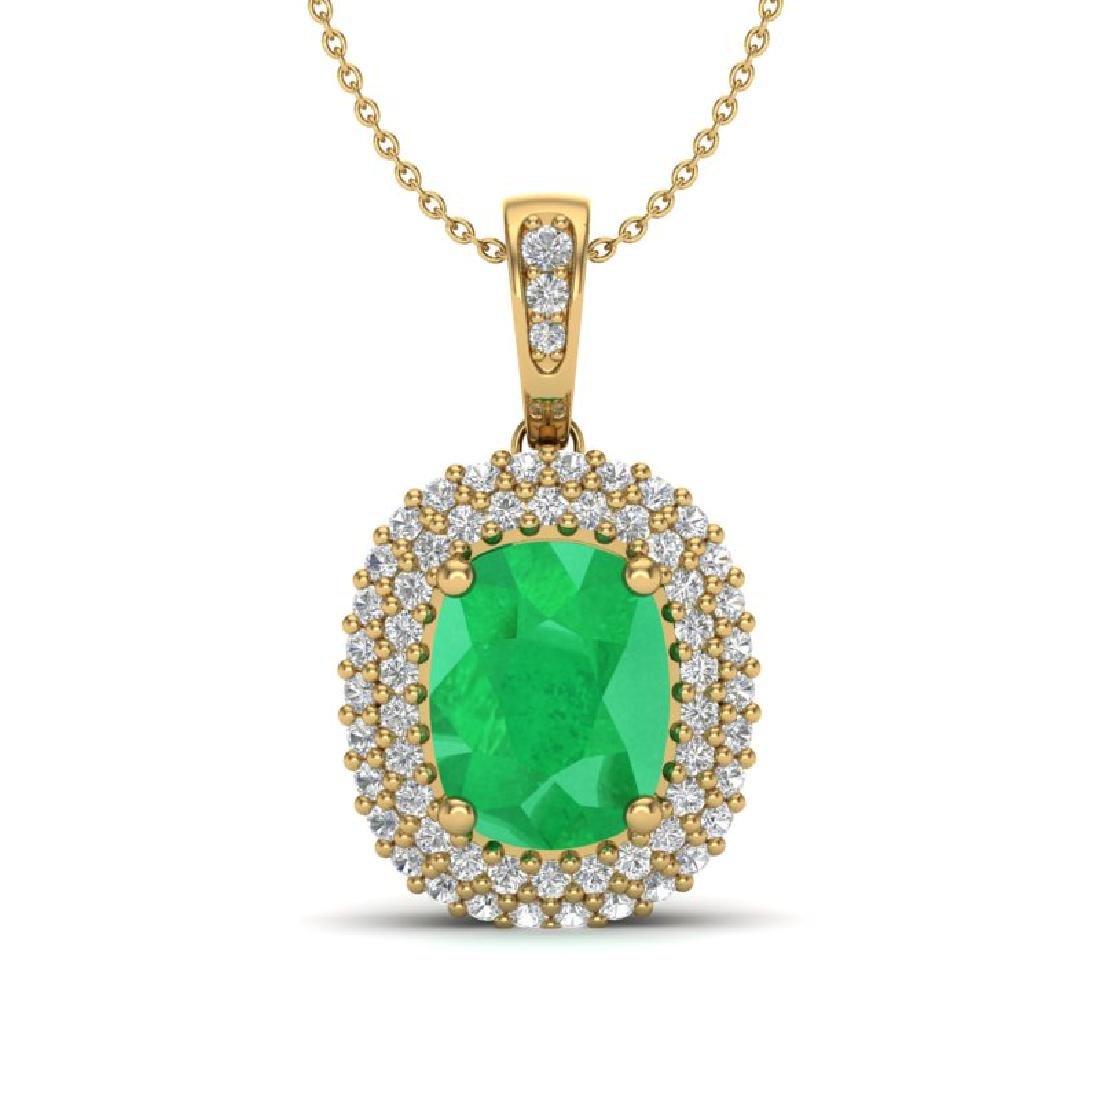 3.15 CTW Emerald & Micro Pave VS/SI Diamond Halo